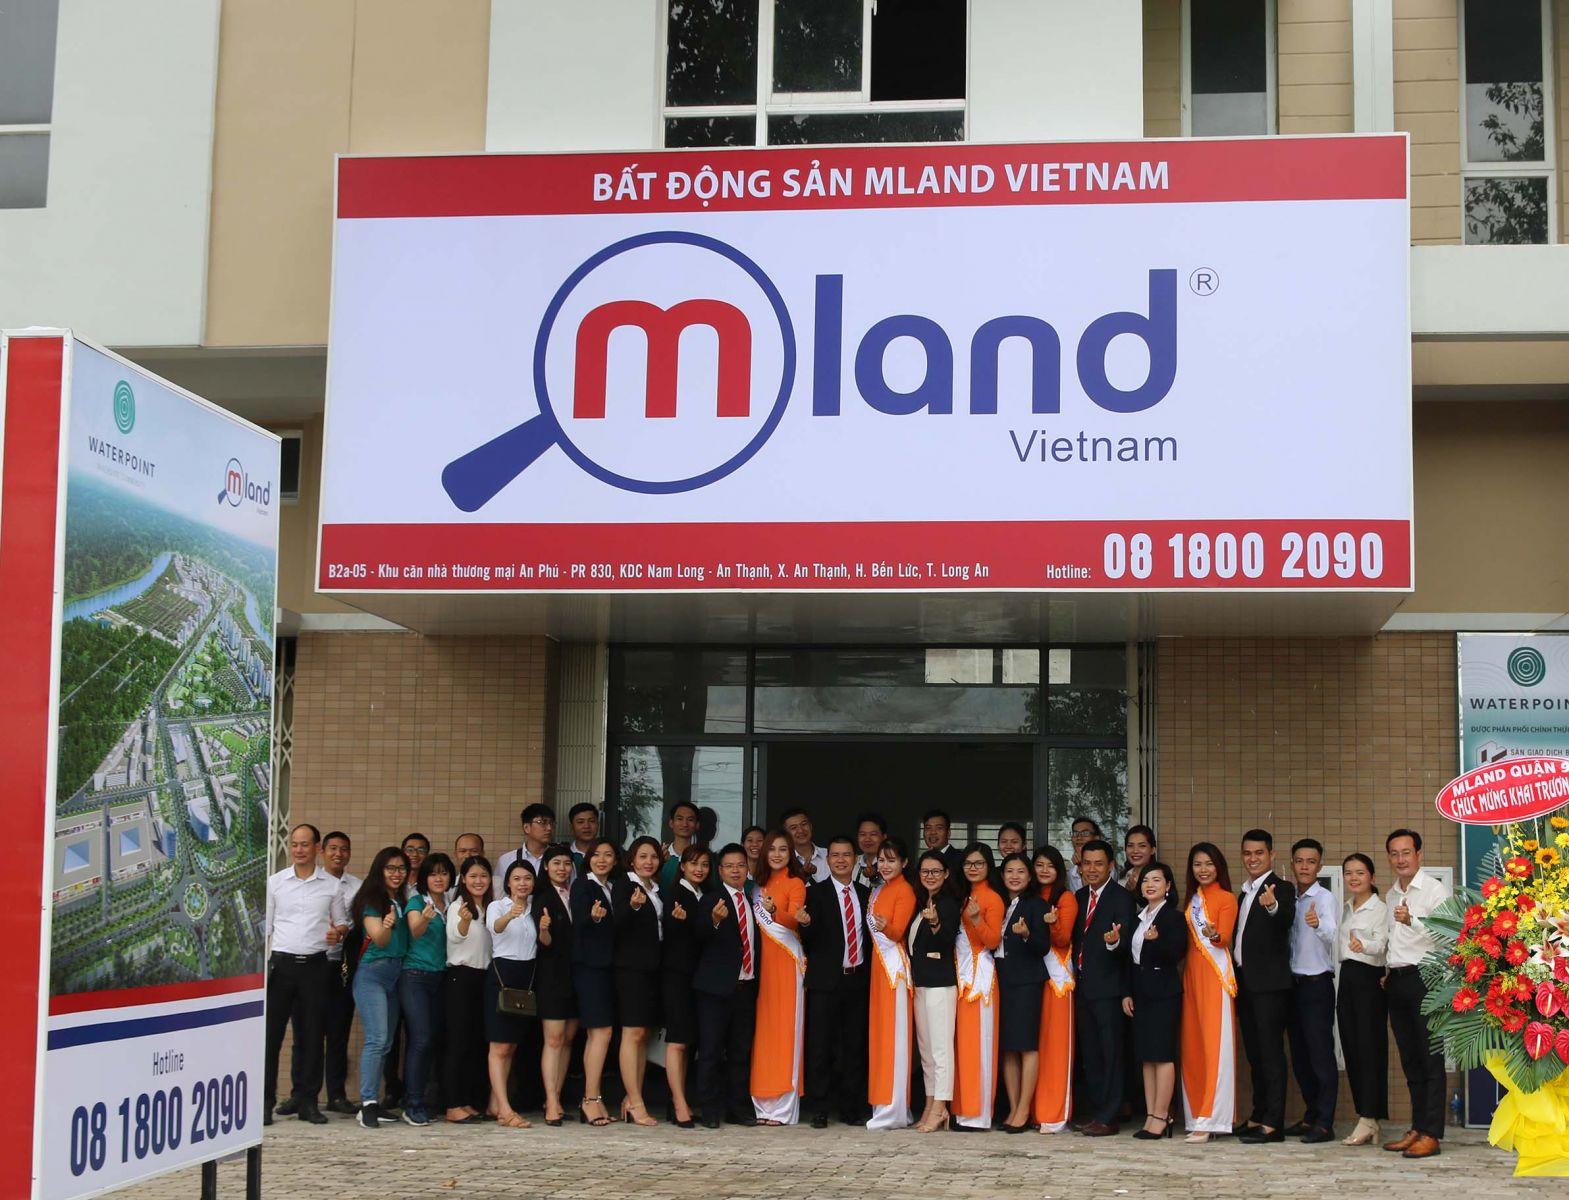 Khai Trương Văn Phòng MLAND Vietnam Chi Nhánh Long An - Bến Lức & Đức Hòa